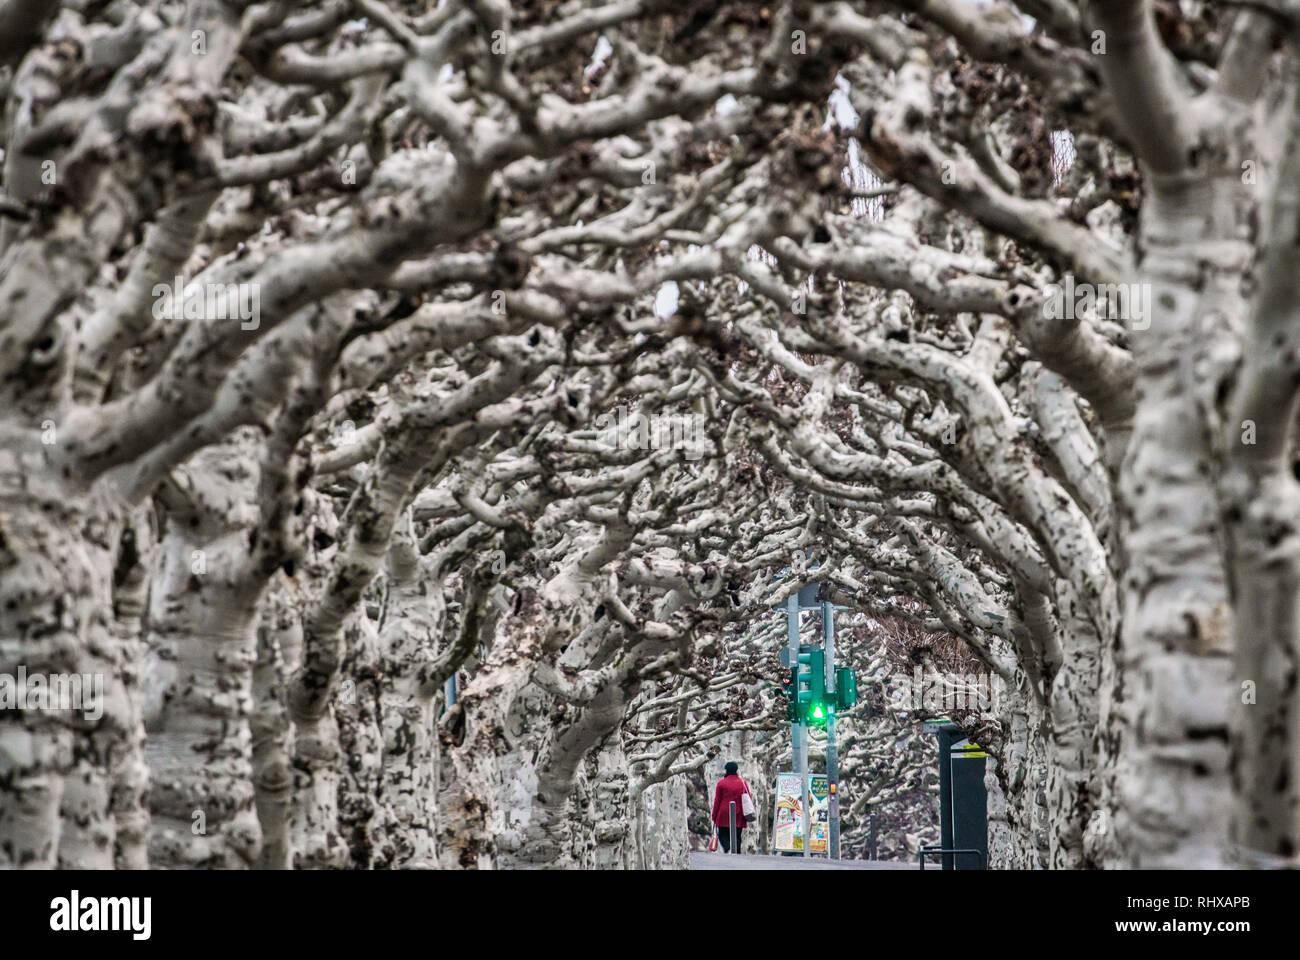 Hessen, Frankfurt/Main, Allemagne. 05 février 2019, derrière les nombreuses branches dénudées des platanes au-dessus d'un sentier sur la rive sud de la main, un feu de circulation pour piétons peut être vu ci-dessous qui, contrairement à la nature, s'allume en vert. Dpa: Crédit photo alliance/Alamy Live News Photo Stock